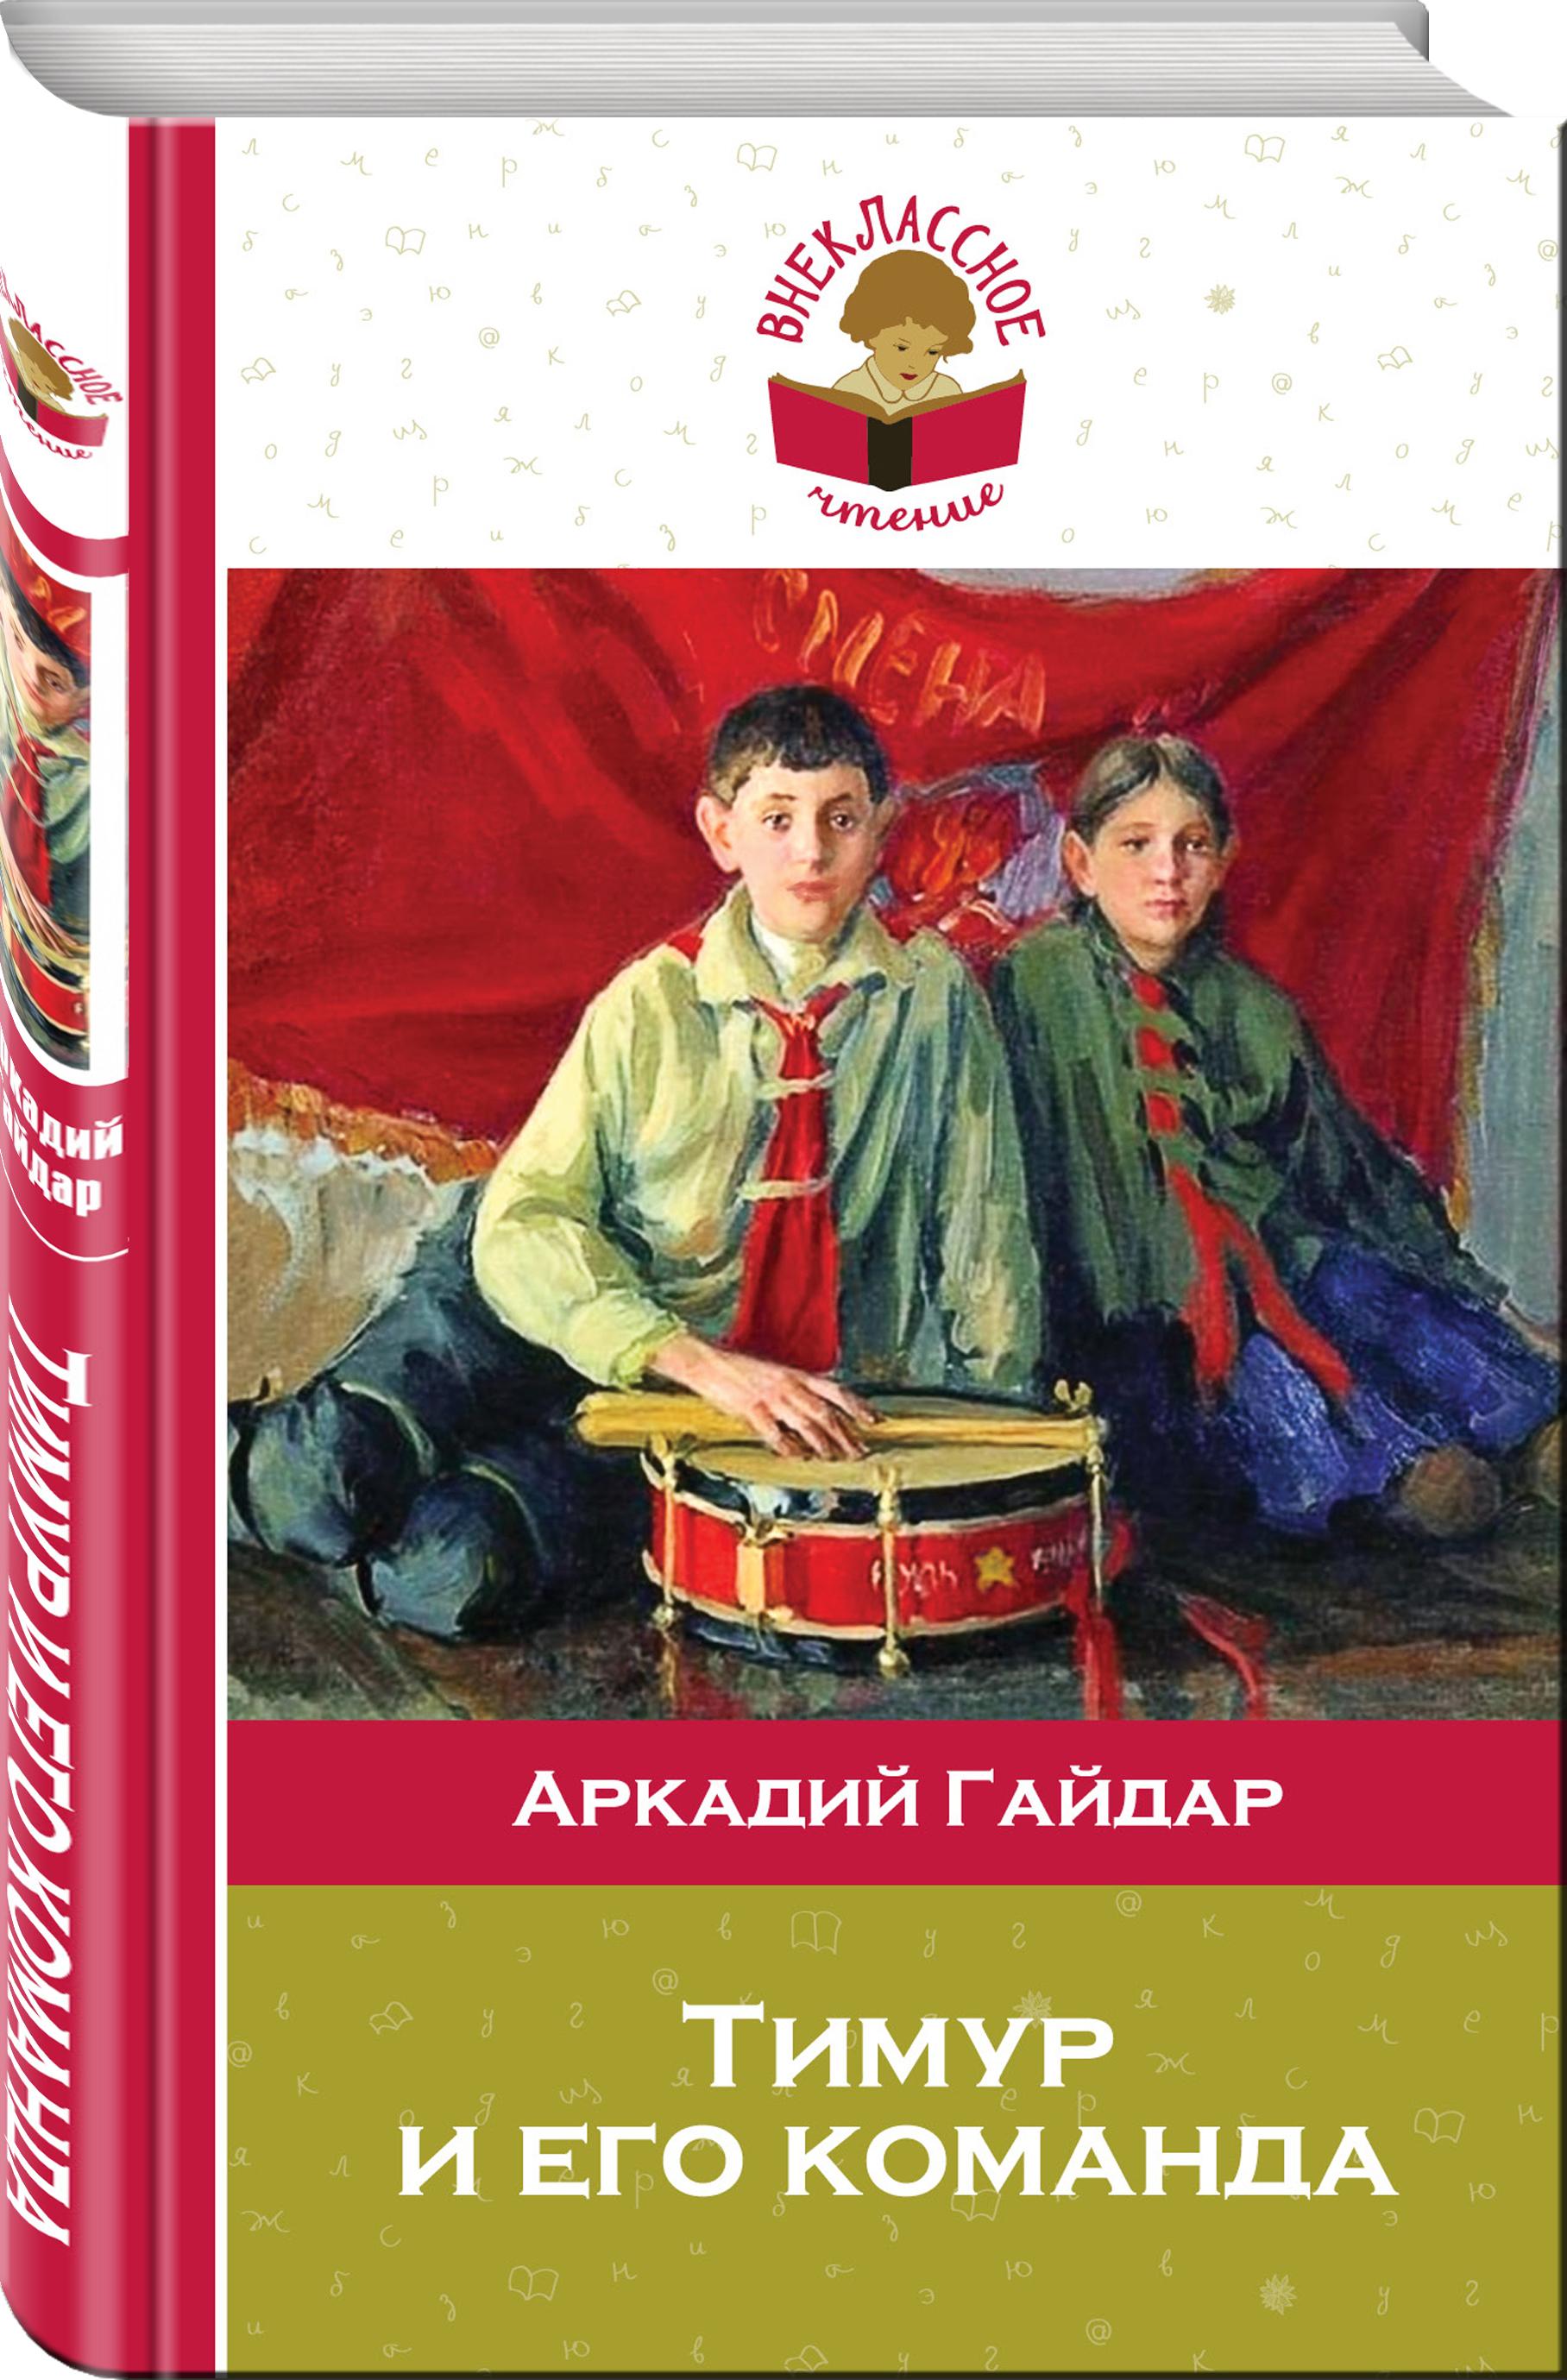 Аркадий Гайдар Тимур и его команда гайдар аркадий петрович тимур и его команда